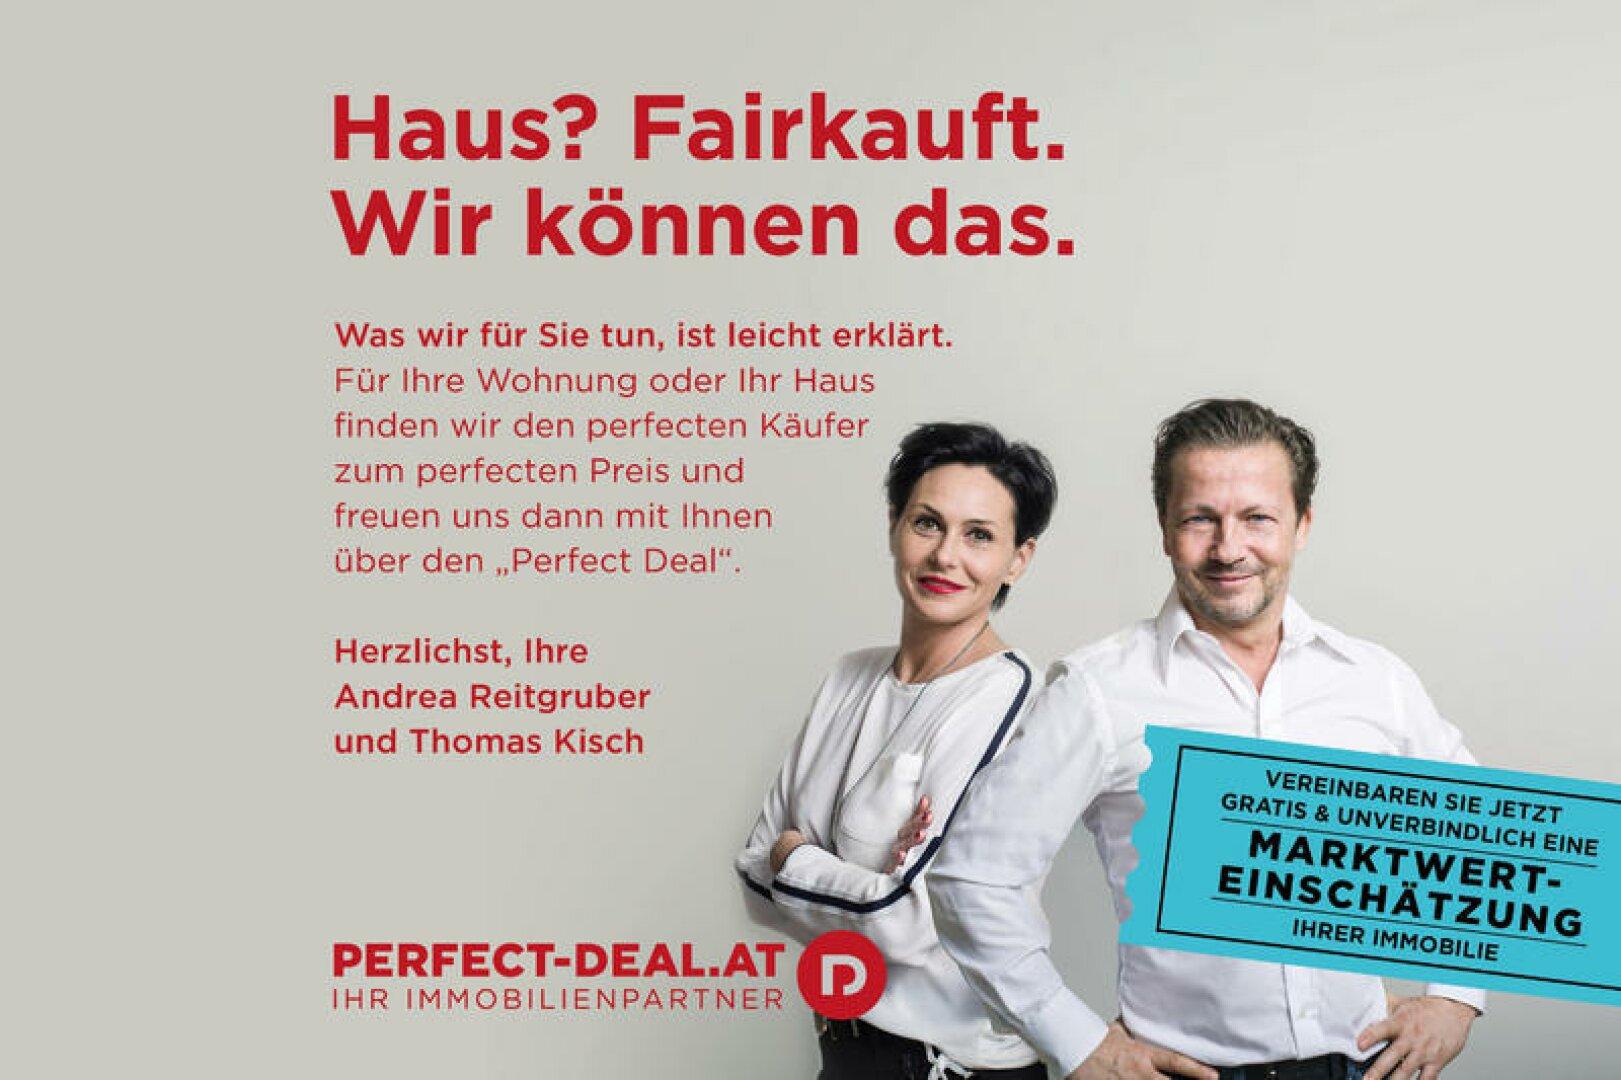 Wir fairkaufen auch Ihre Immobilie zum höchstmöglichen Preis!